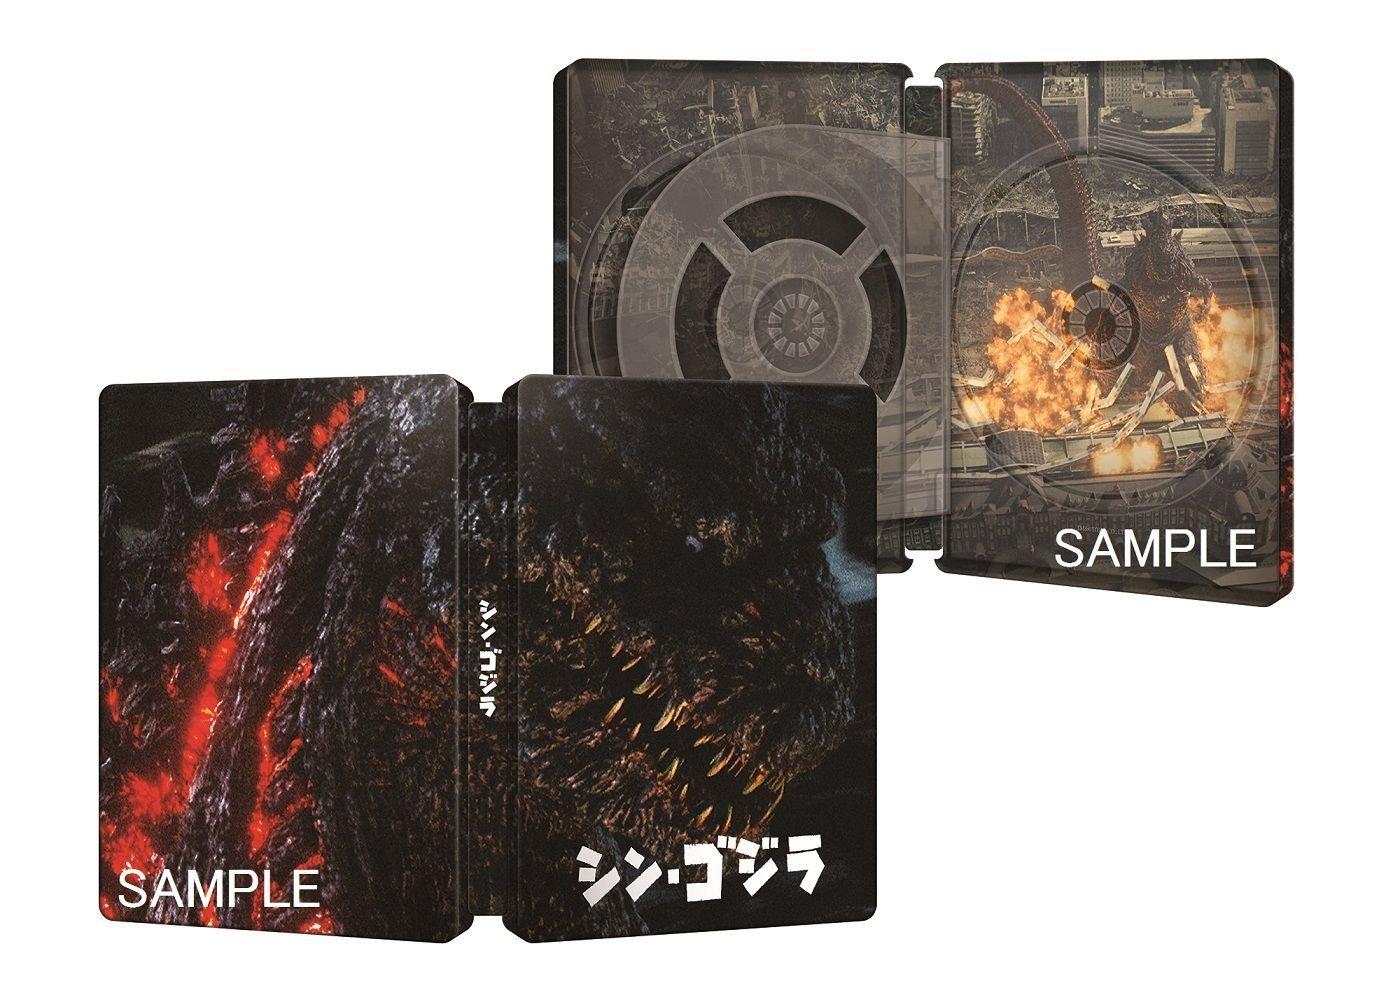 シン・ゴジラ Blu-ray特別版3枚組 スチールブック